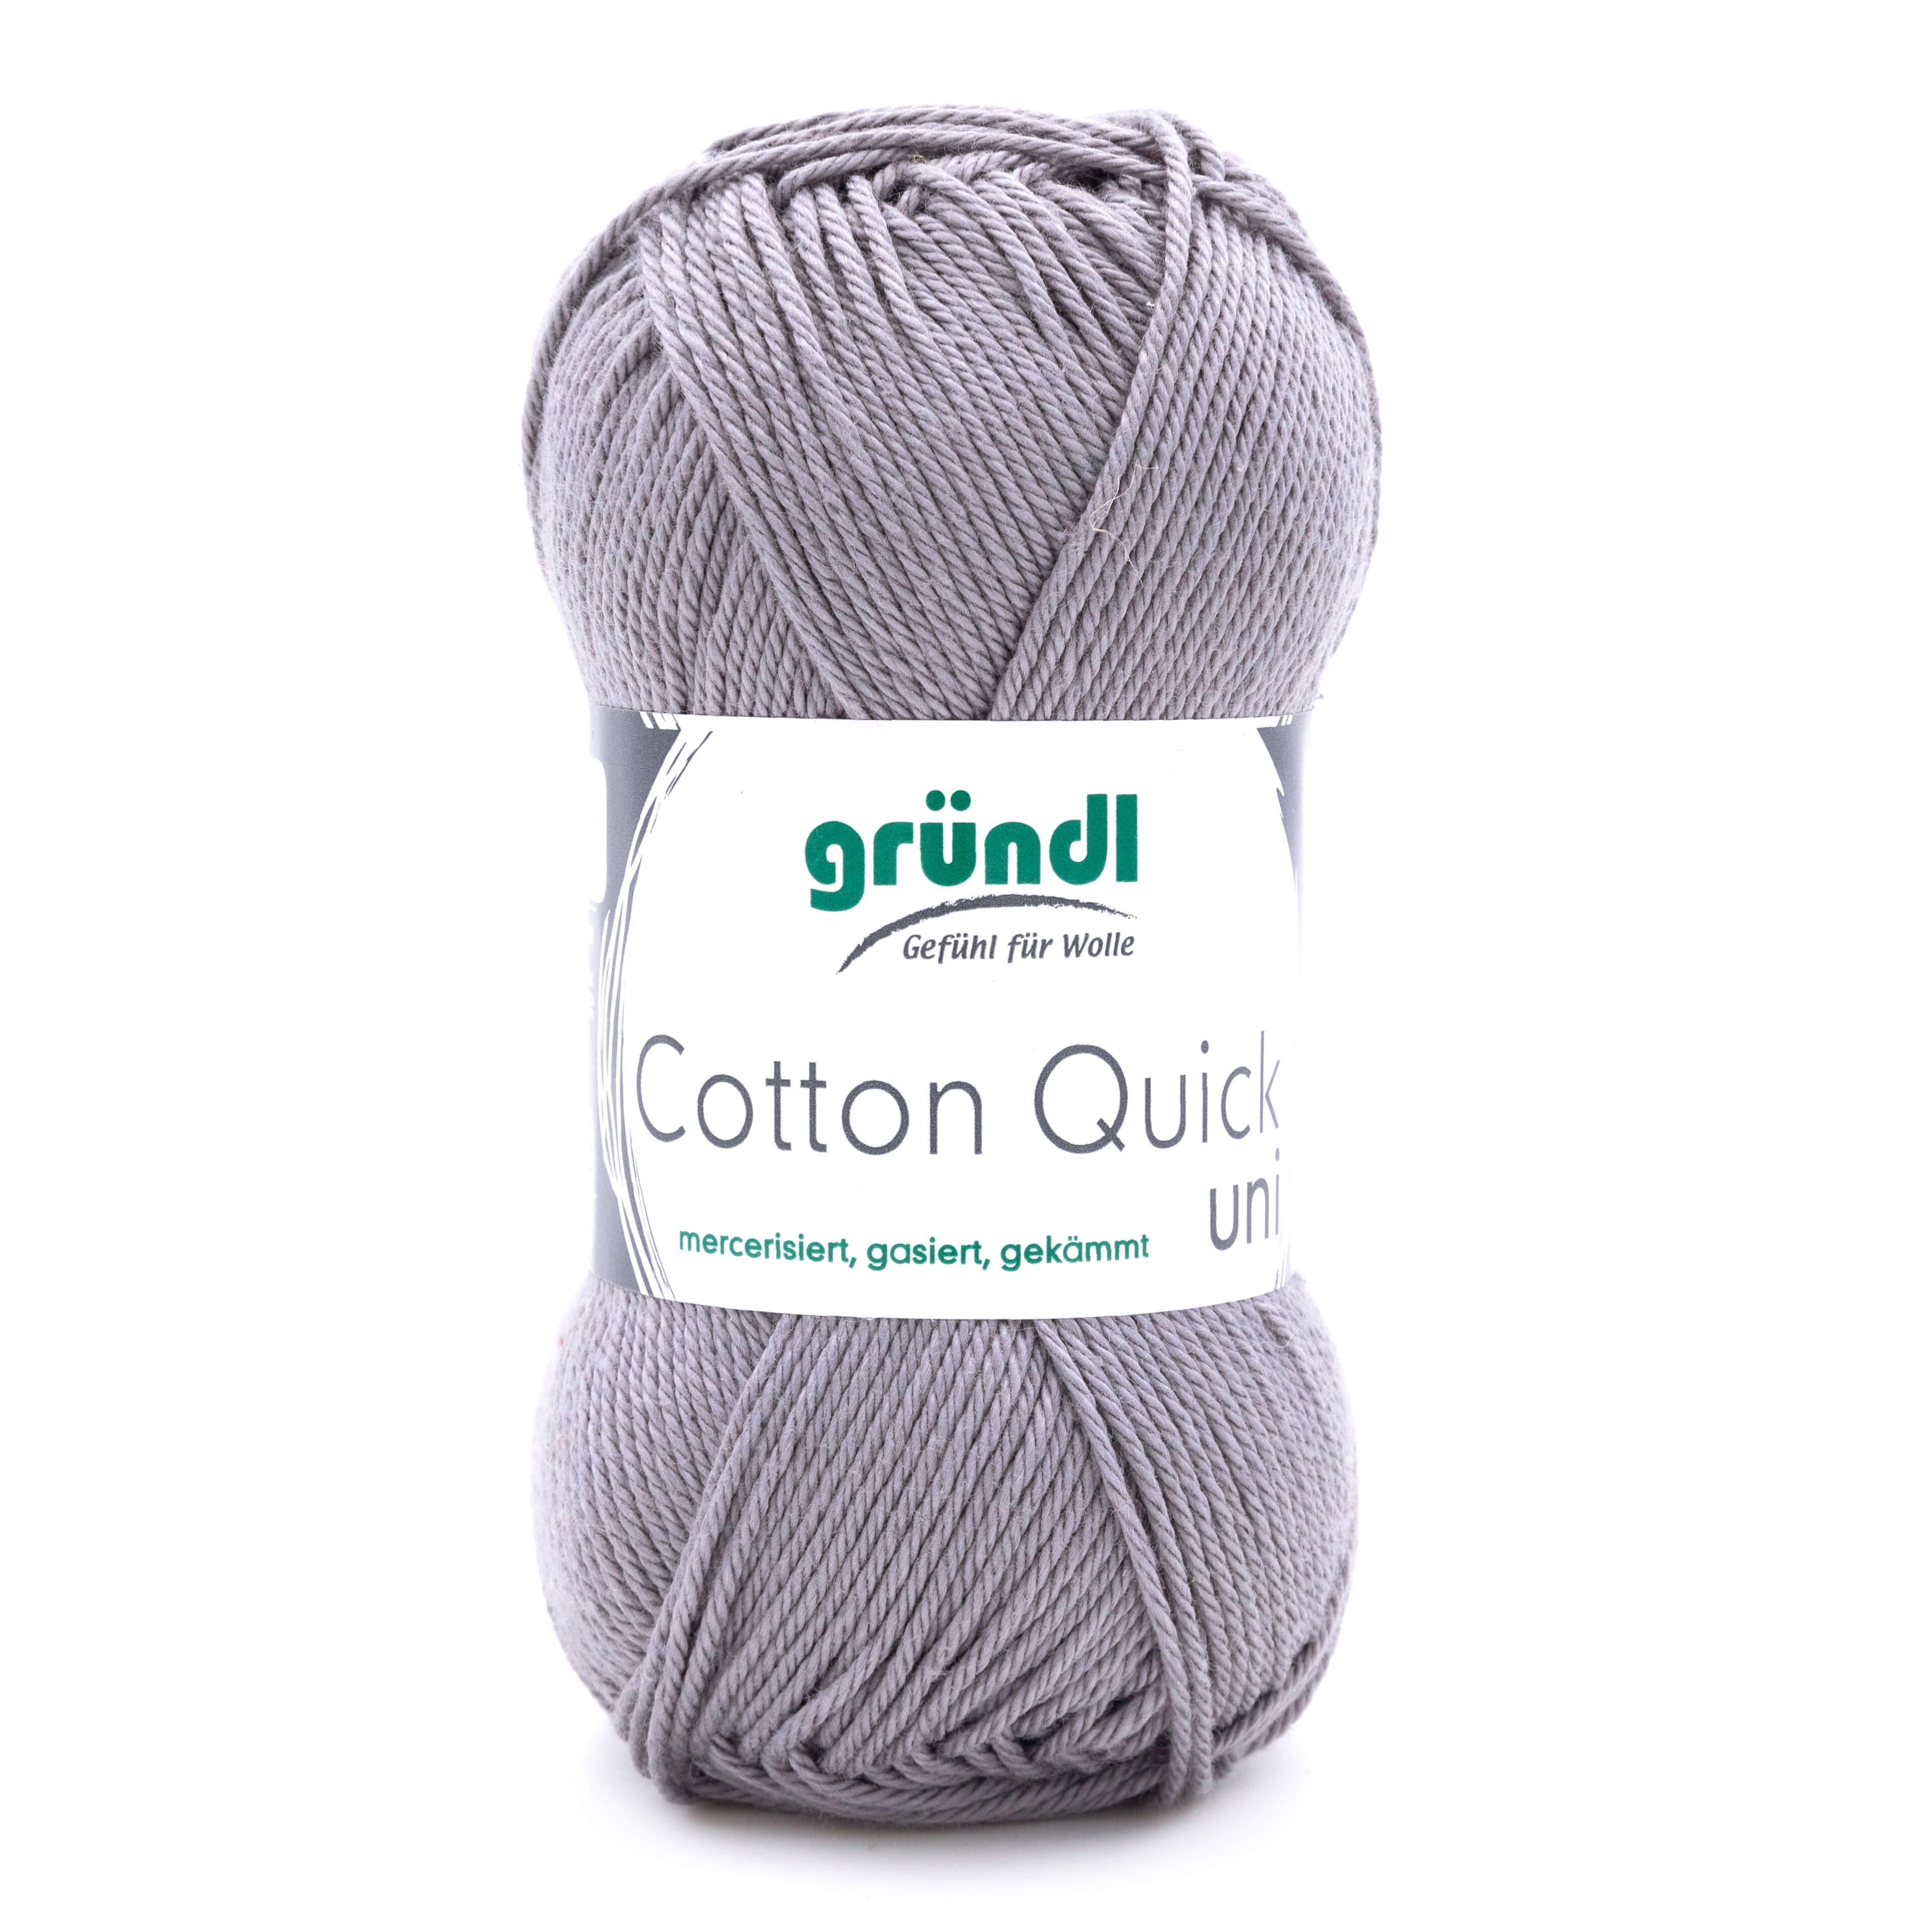 silbergraue Wolle von Gründl zum stricken und häkeln